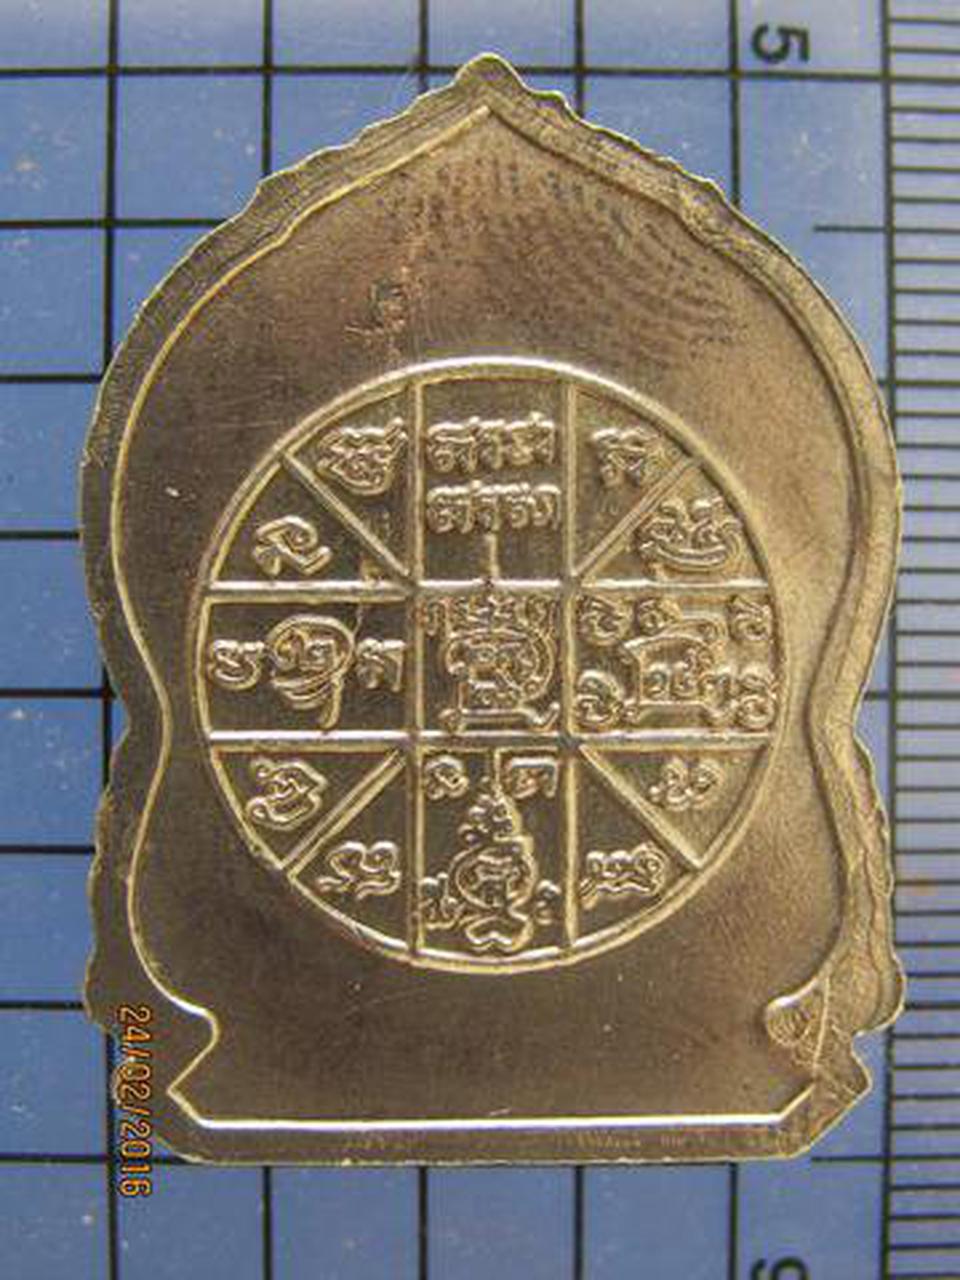 3183 เหรียญเสมาเนื้ออัลปาก้า หลวงปู่นิล อิสสริโก หลังยันต์ดว รูปที่ 5